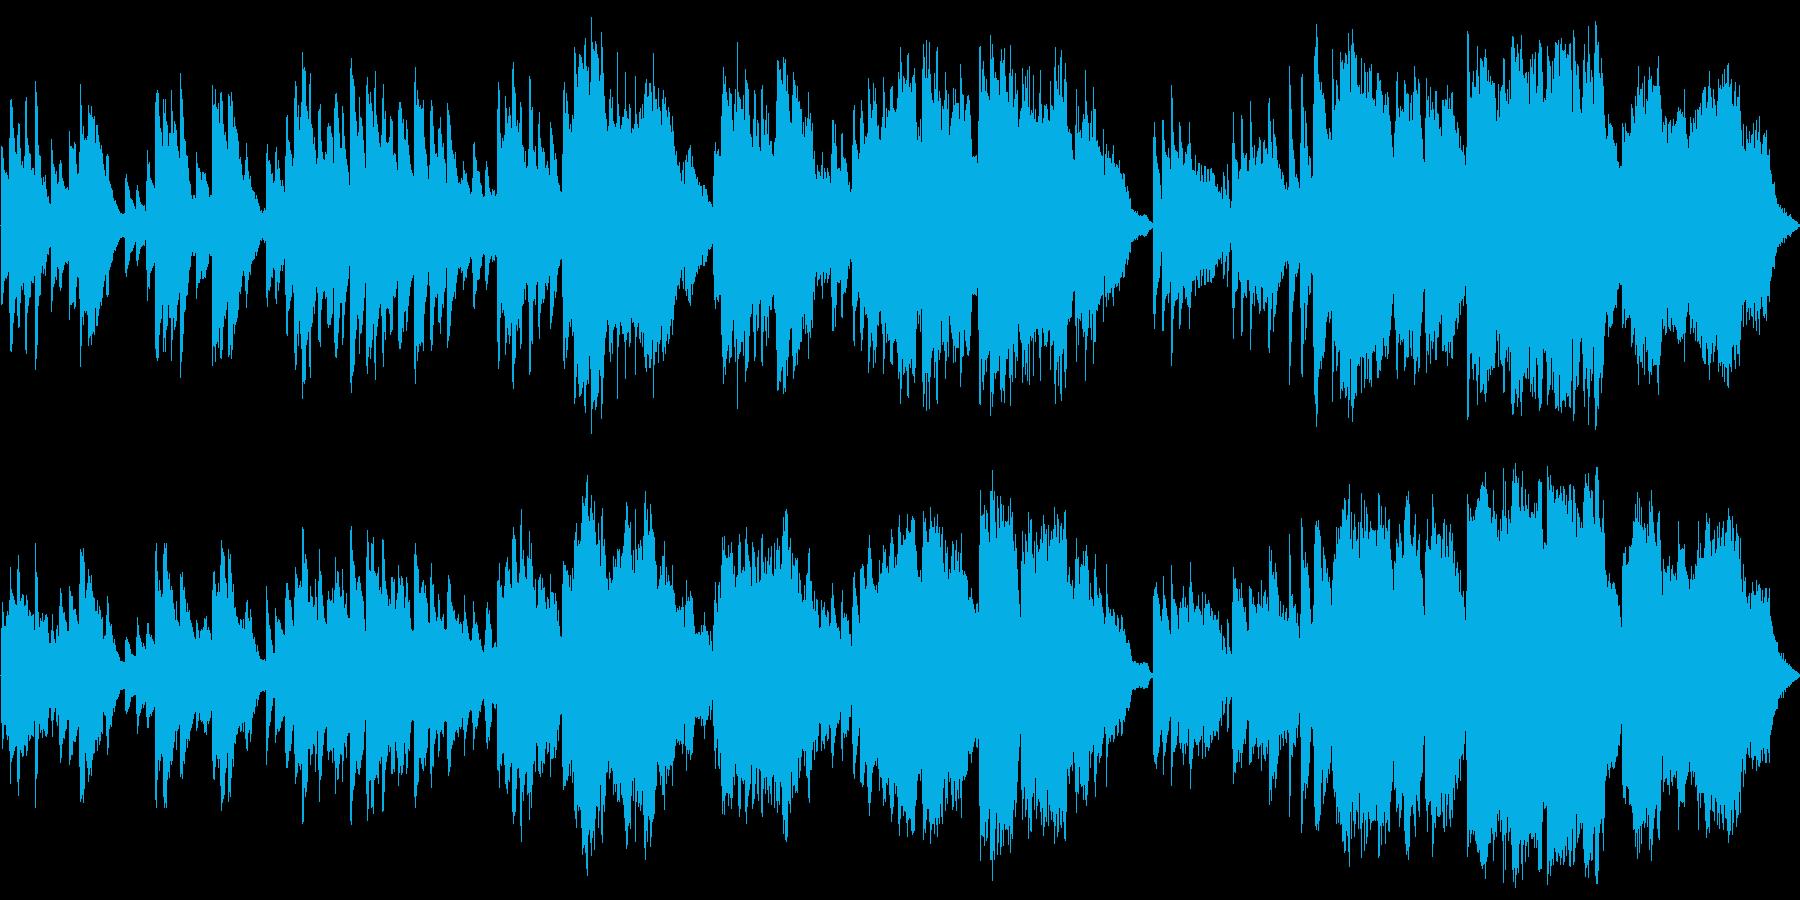 ピアノとチェロの優しくメロディックな曲の再生済みの波形